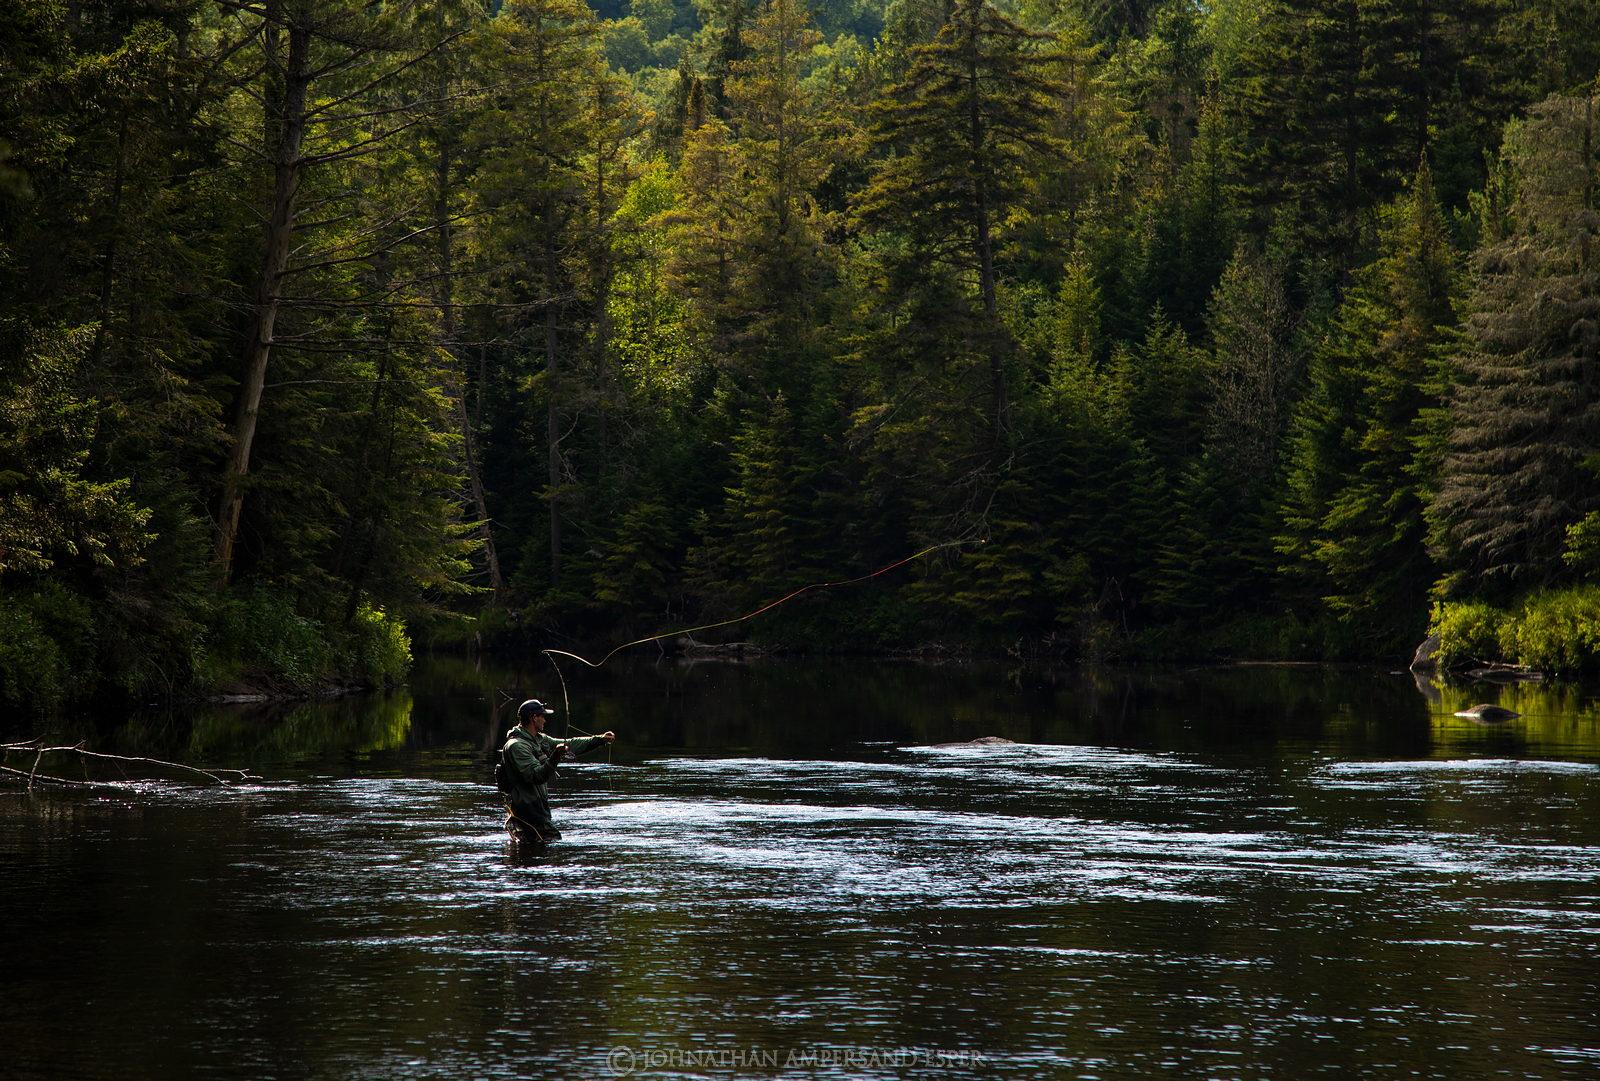 fly fishing,fly fisherman,flyfishing,fisherman,fishing,Ausable River,Wilmington Notch,